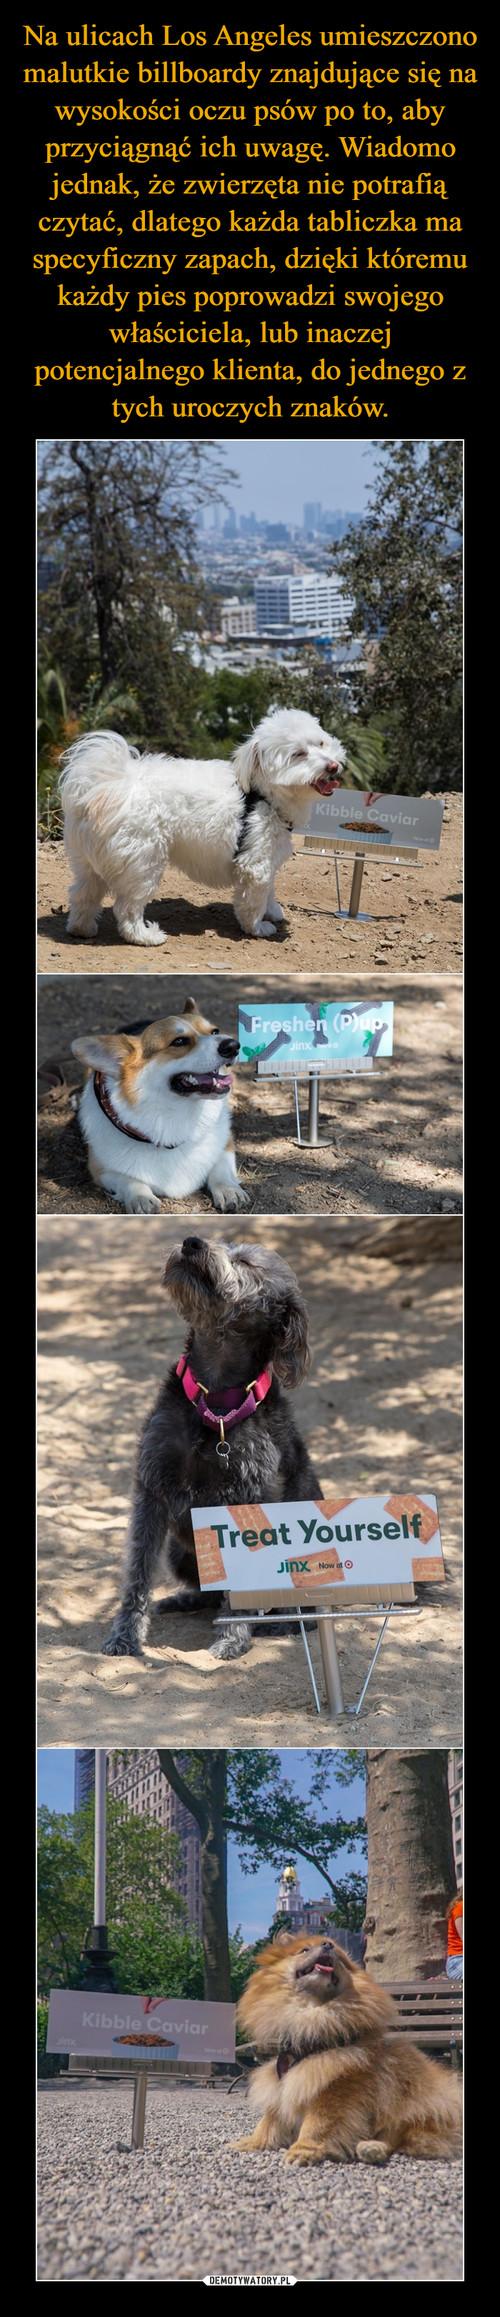 Na ulicach Los Angeles umieszczono malutkie billboardy znajdujące się na wysokości oczu psów po to, aby przyciągnąć ich uwagę. Wiadomo jednak, że zwierzęta nie potrafią czytać, dlatego każda tabliczka ma specyficzny zapach, dzięki któremu każdy pies poprowadzi swojego właściciela, lub inaczej potencjalnego klienta, do jednego z tych uroczych znaków.